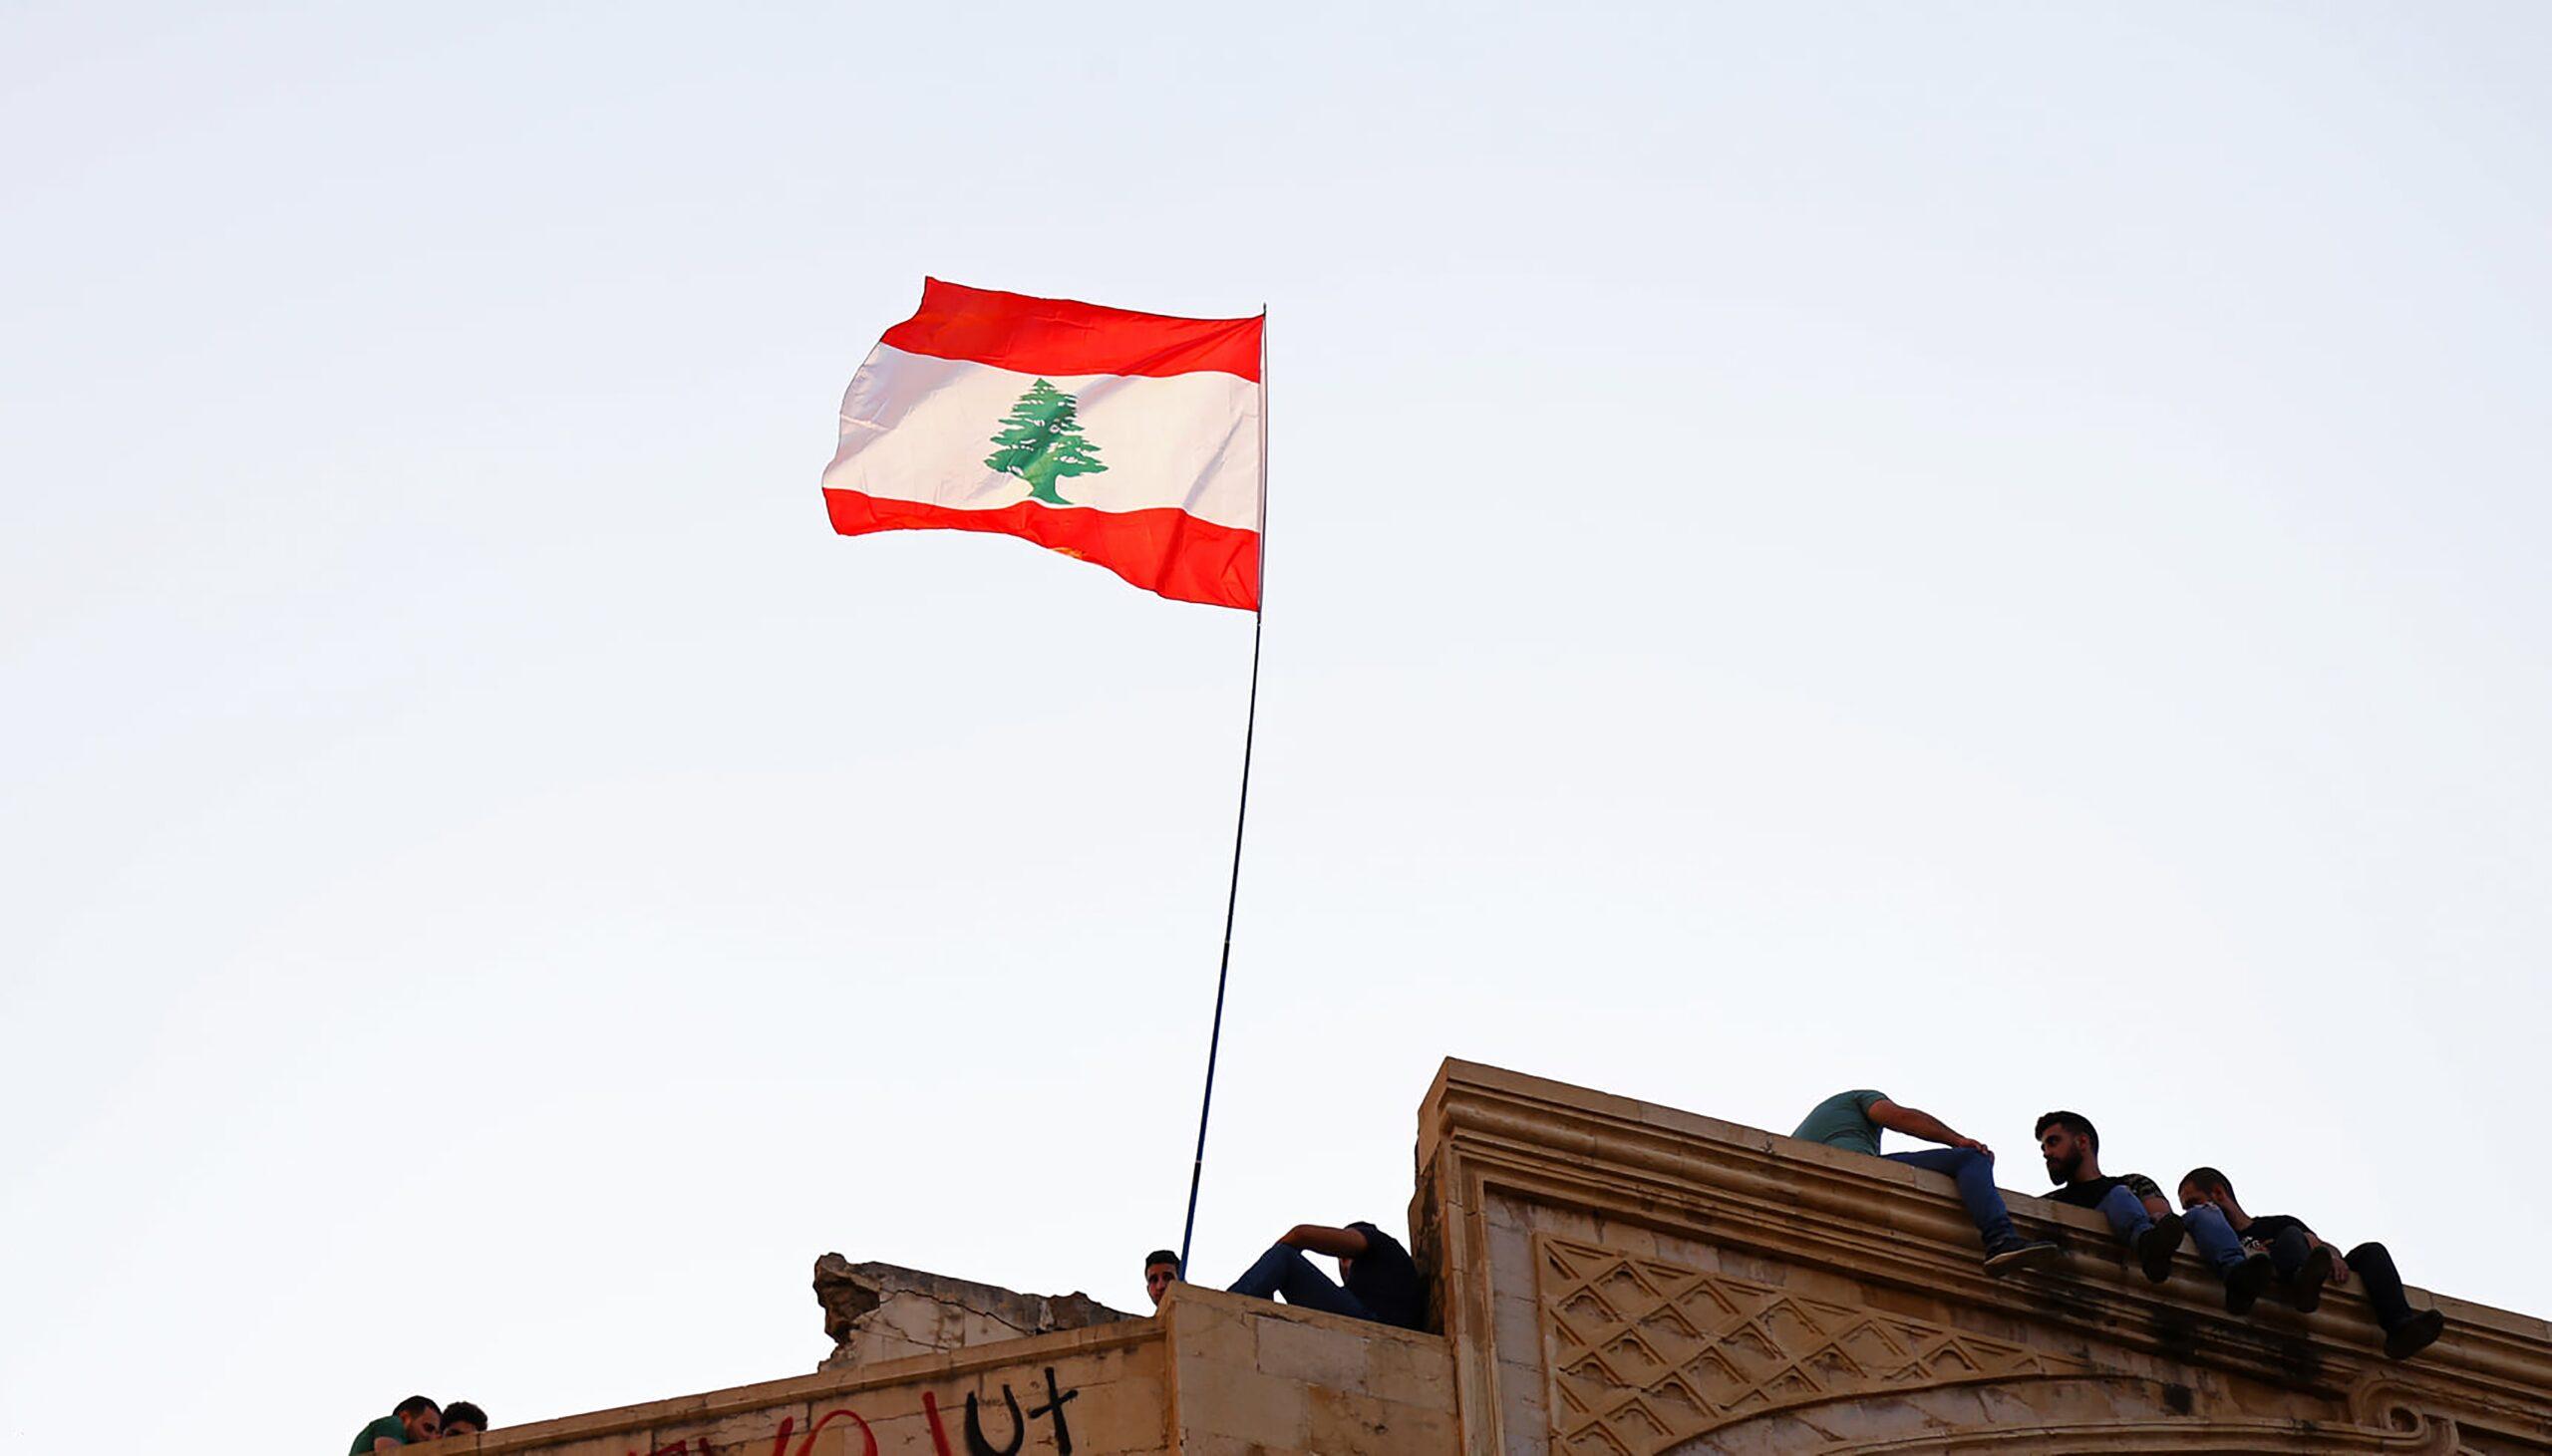 Libanon lassan megszűnik államnak lenni, és Irán nem is lehetne boldogabb